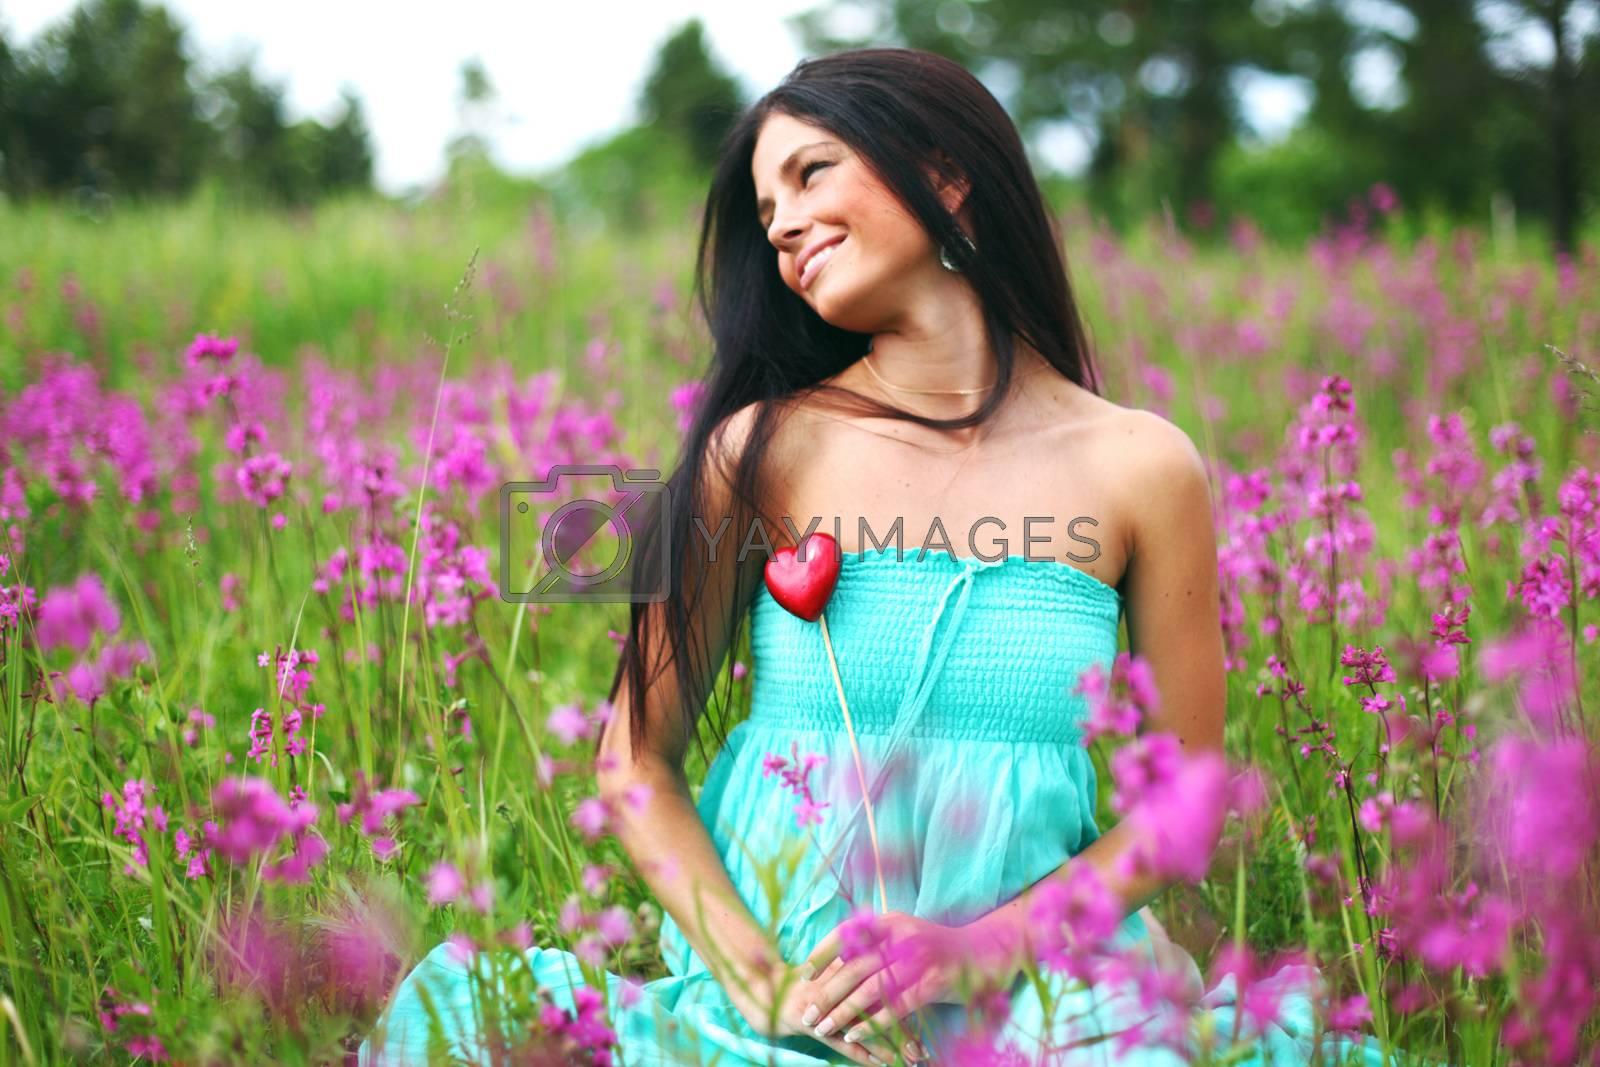 woman on summer flower field meadow heart in hands love nature